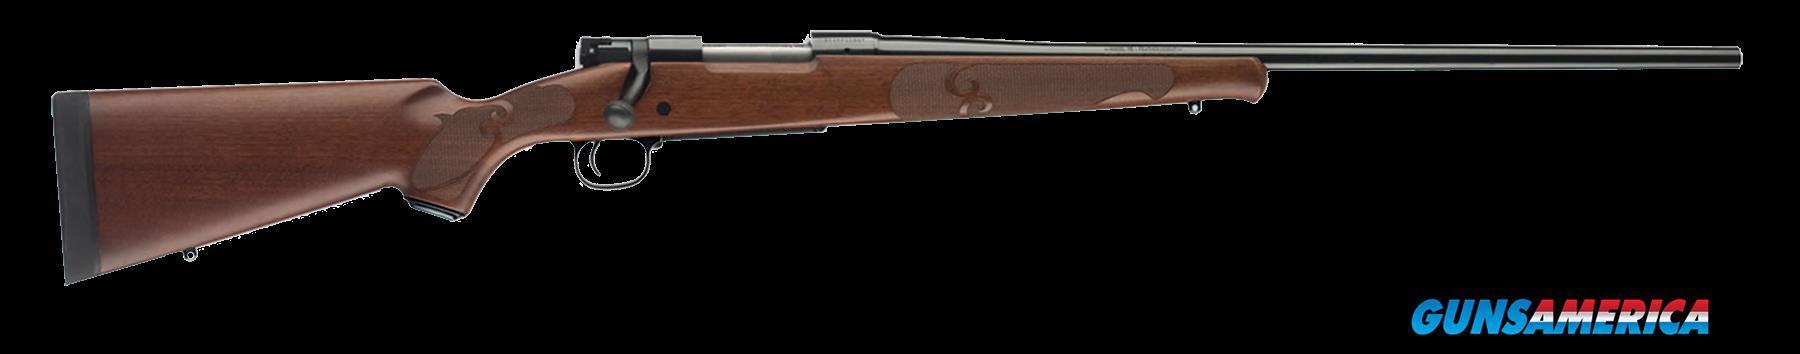 """Winchester M70 Featherweight Bolt .270 Win 22"""" 5+1 Grade I Walnut Stock  Guns > Rifles > Winchester Rifles - Modern Bolt/Auto/Single > Model 70 > Post-64"""